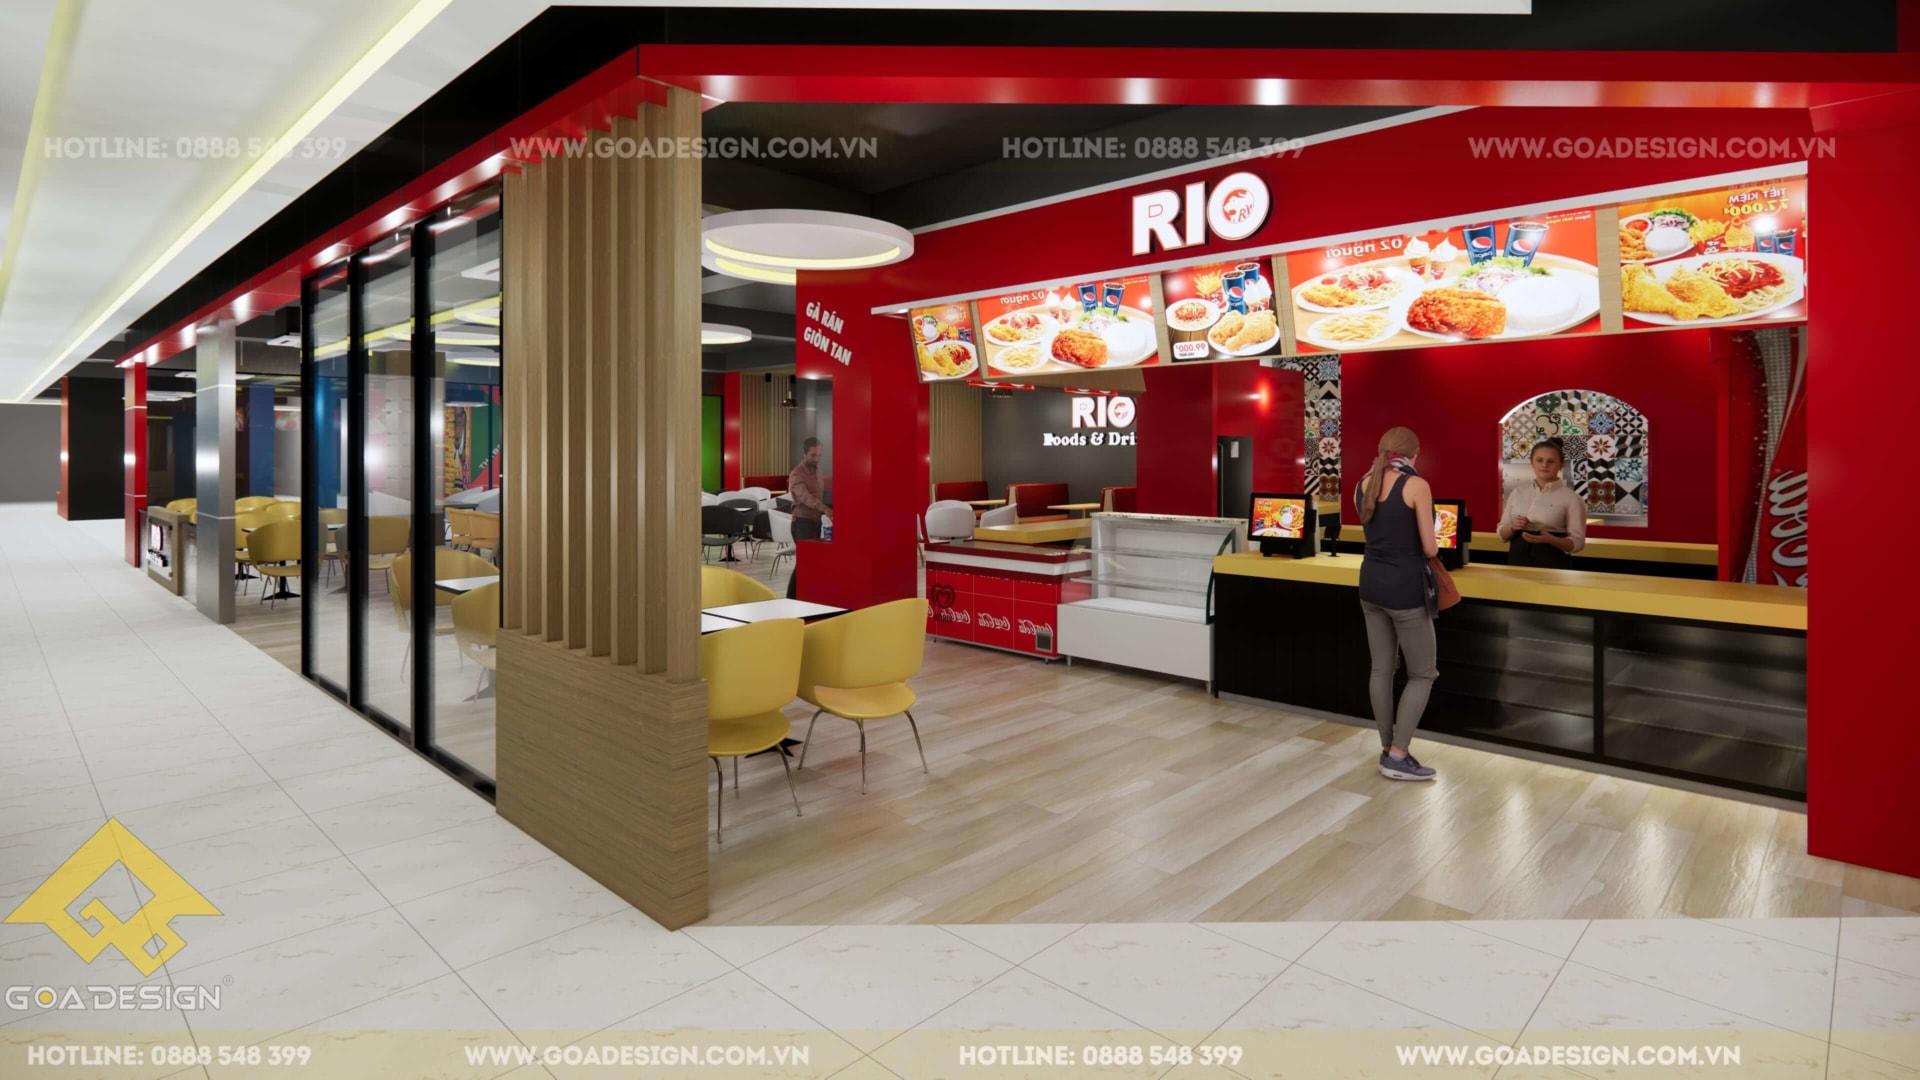 GOADESIGN Tư vấn thiết kế thi công Food & Drink Rio (3)